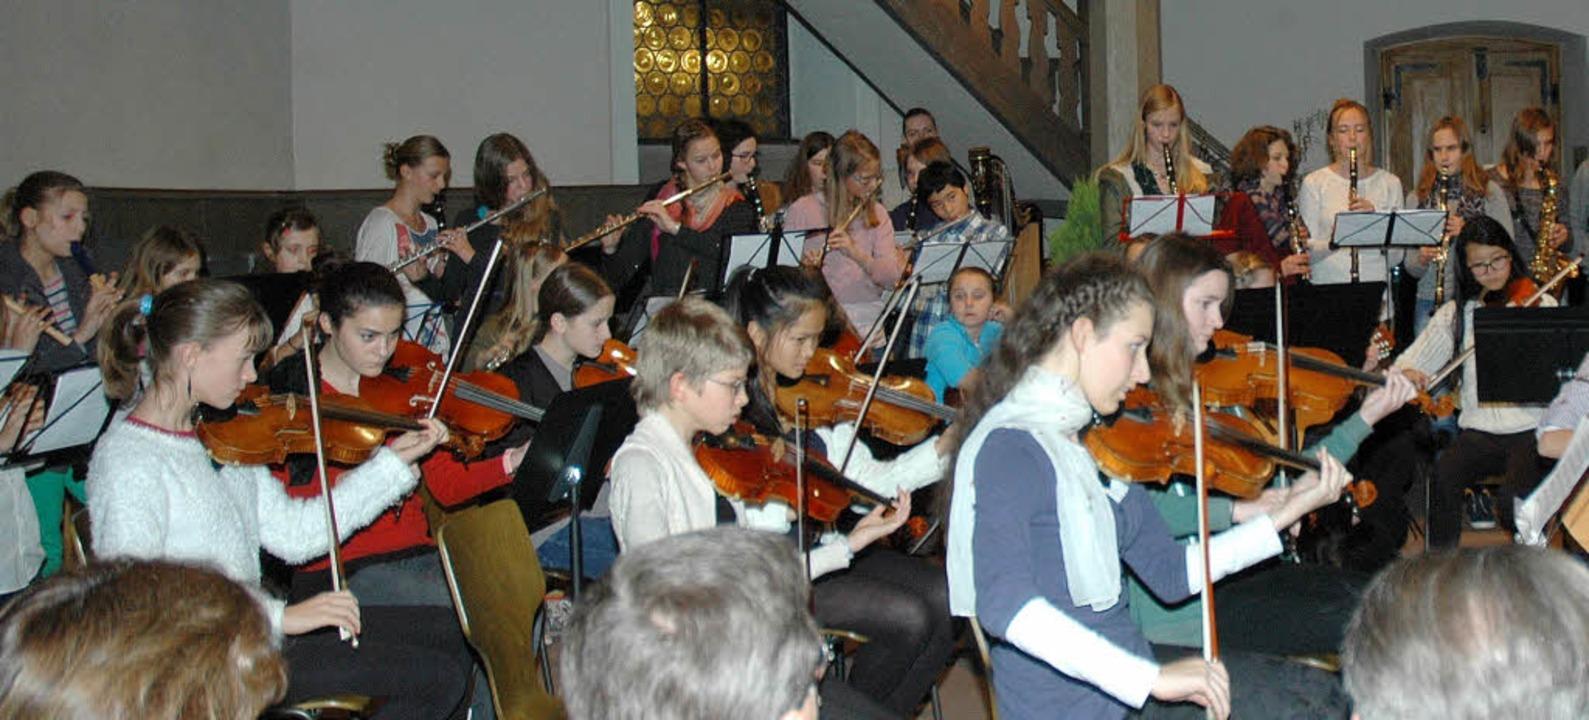 In großer Besetzung erklangen zum Absc...chen Konzerts einige Weihnachtslieder.  | Foto: OUNAS